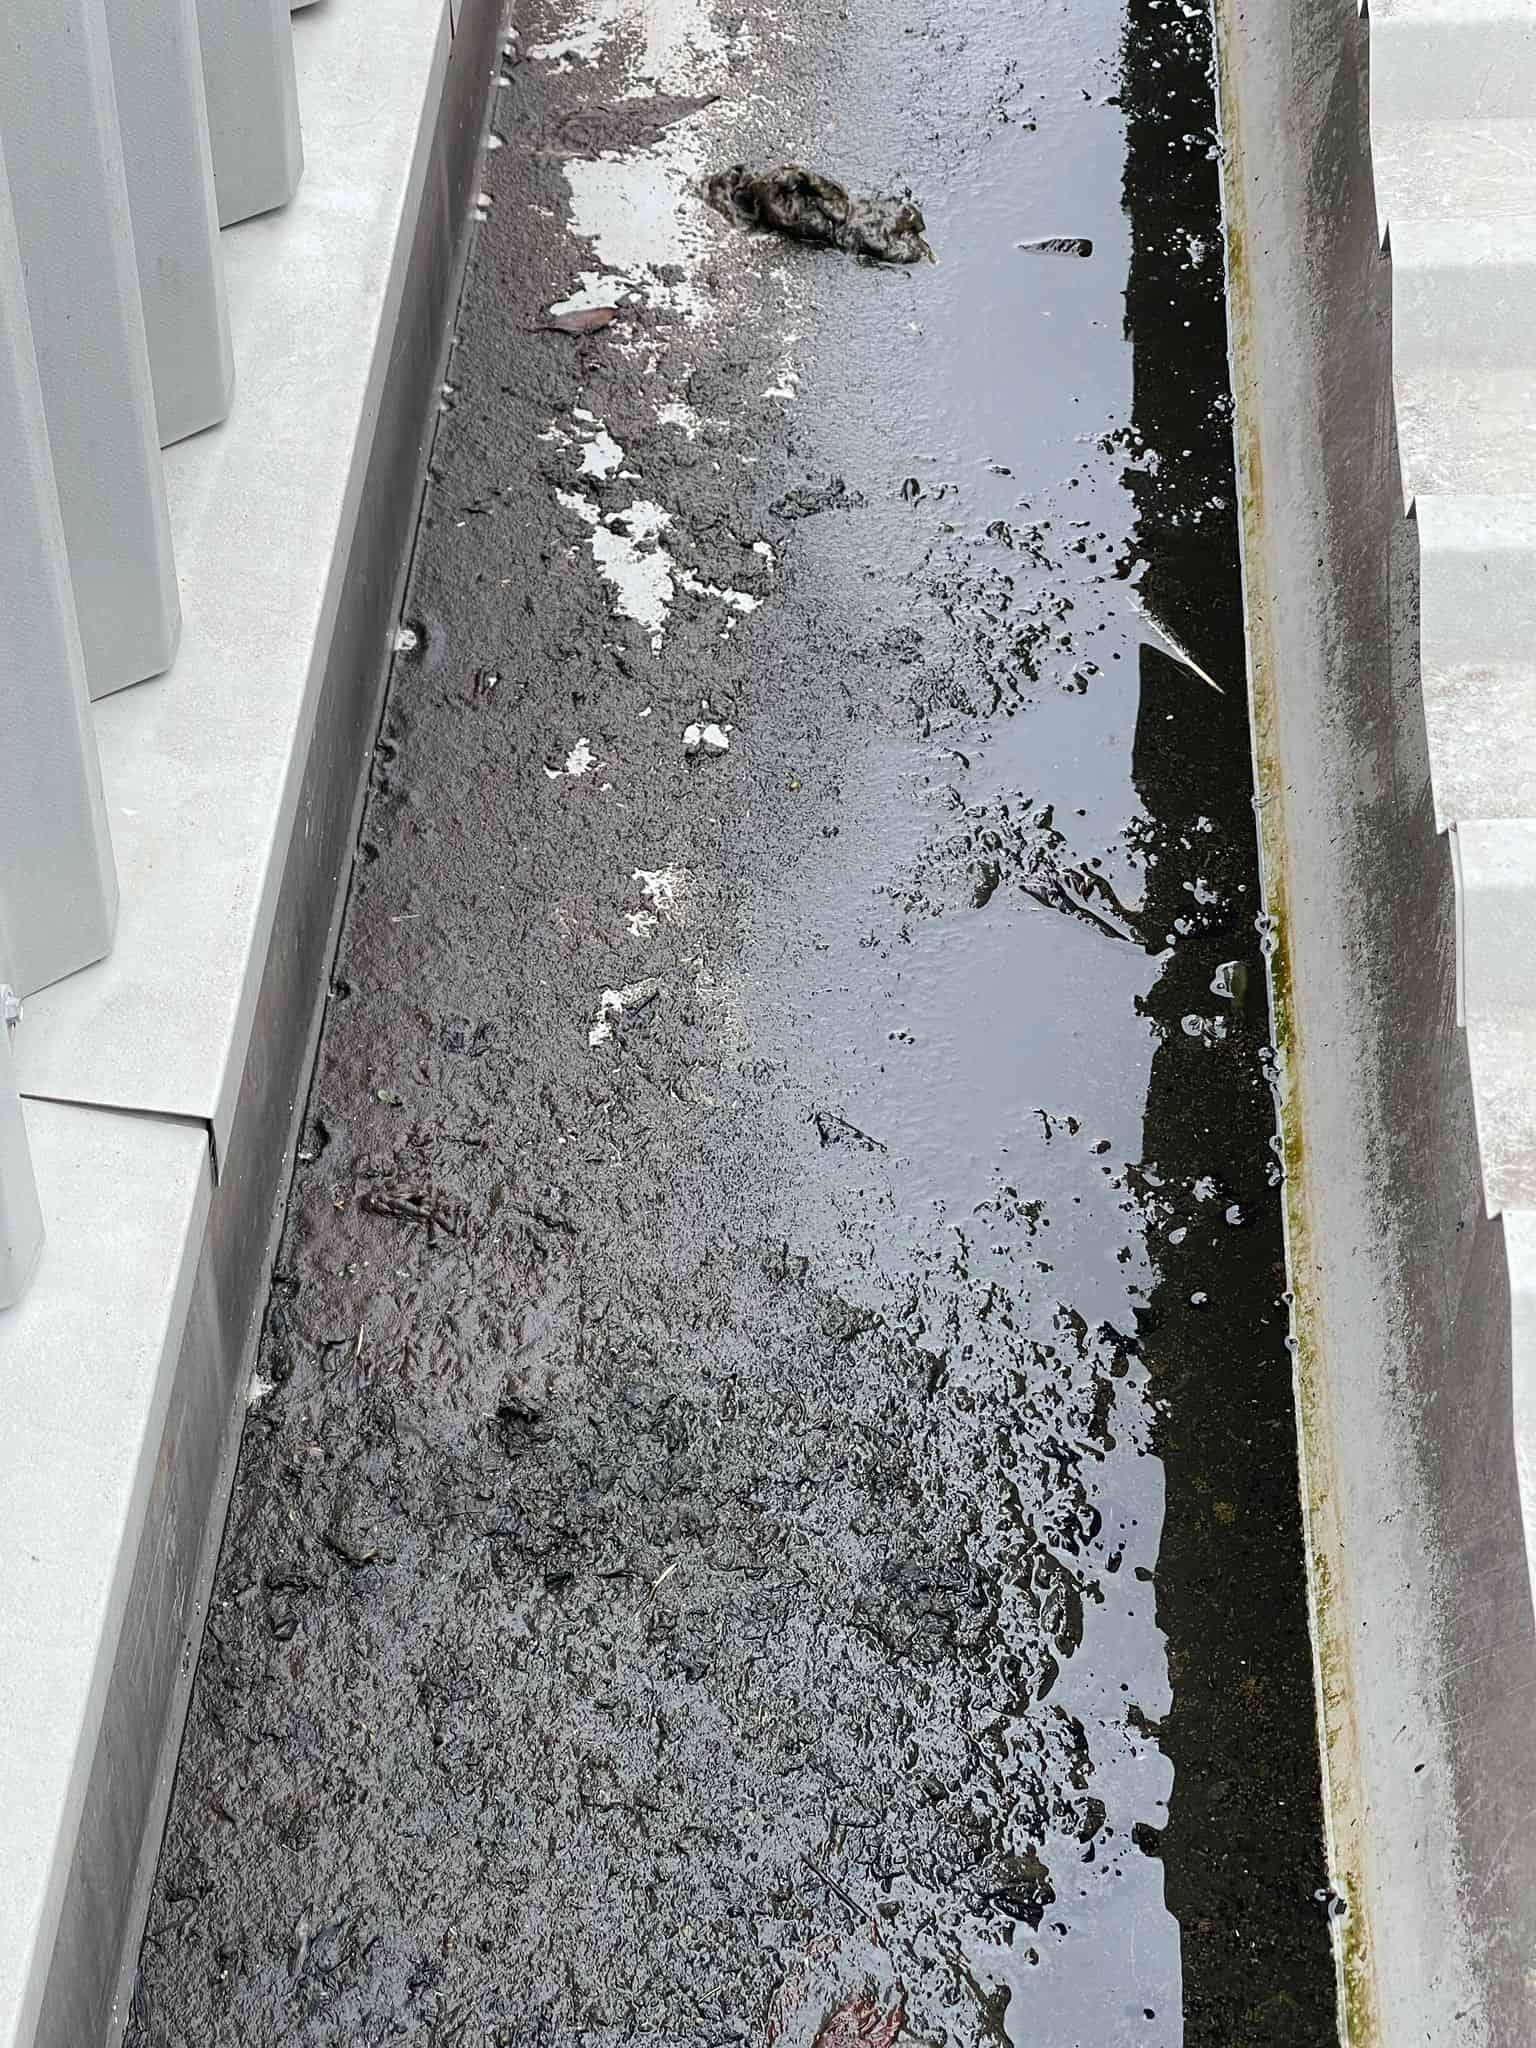 DSW Gutter Cleaning London